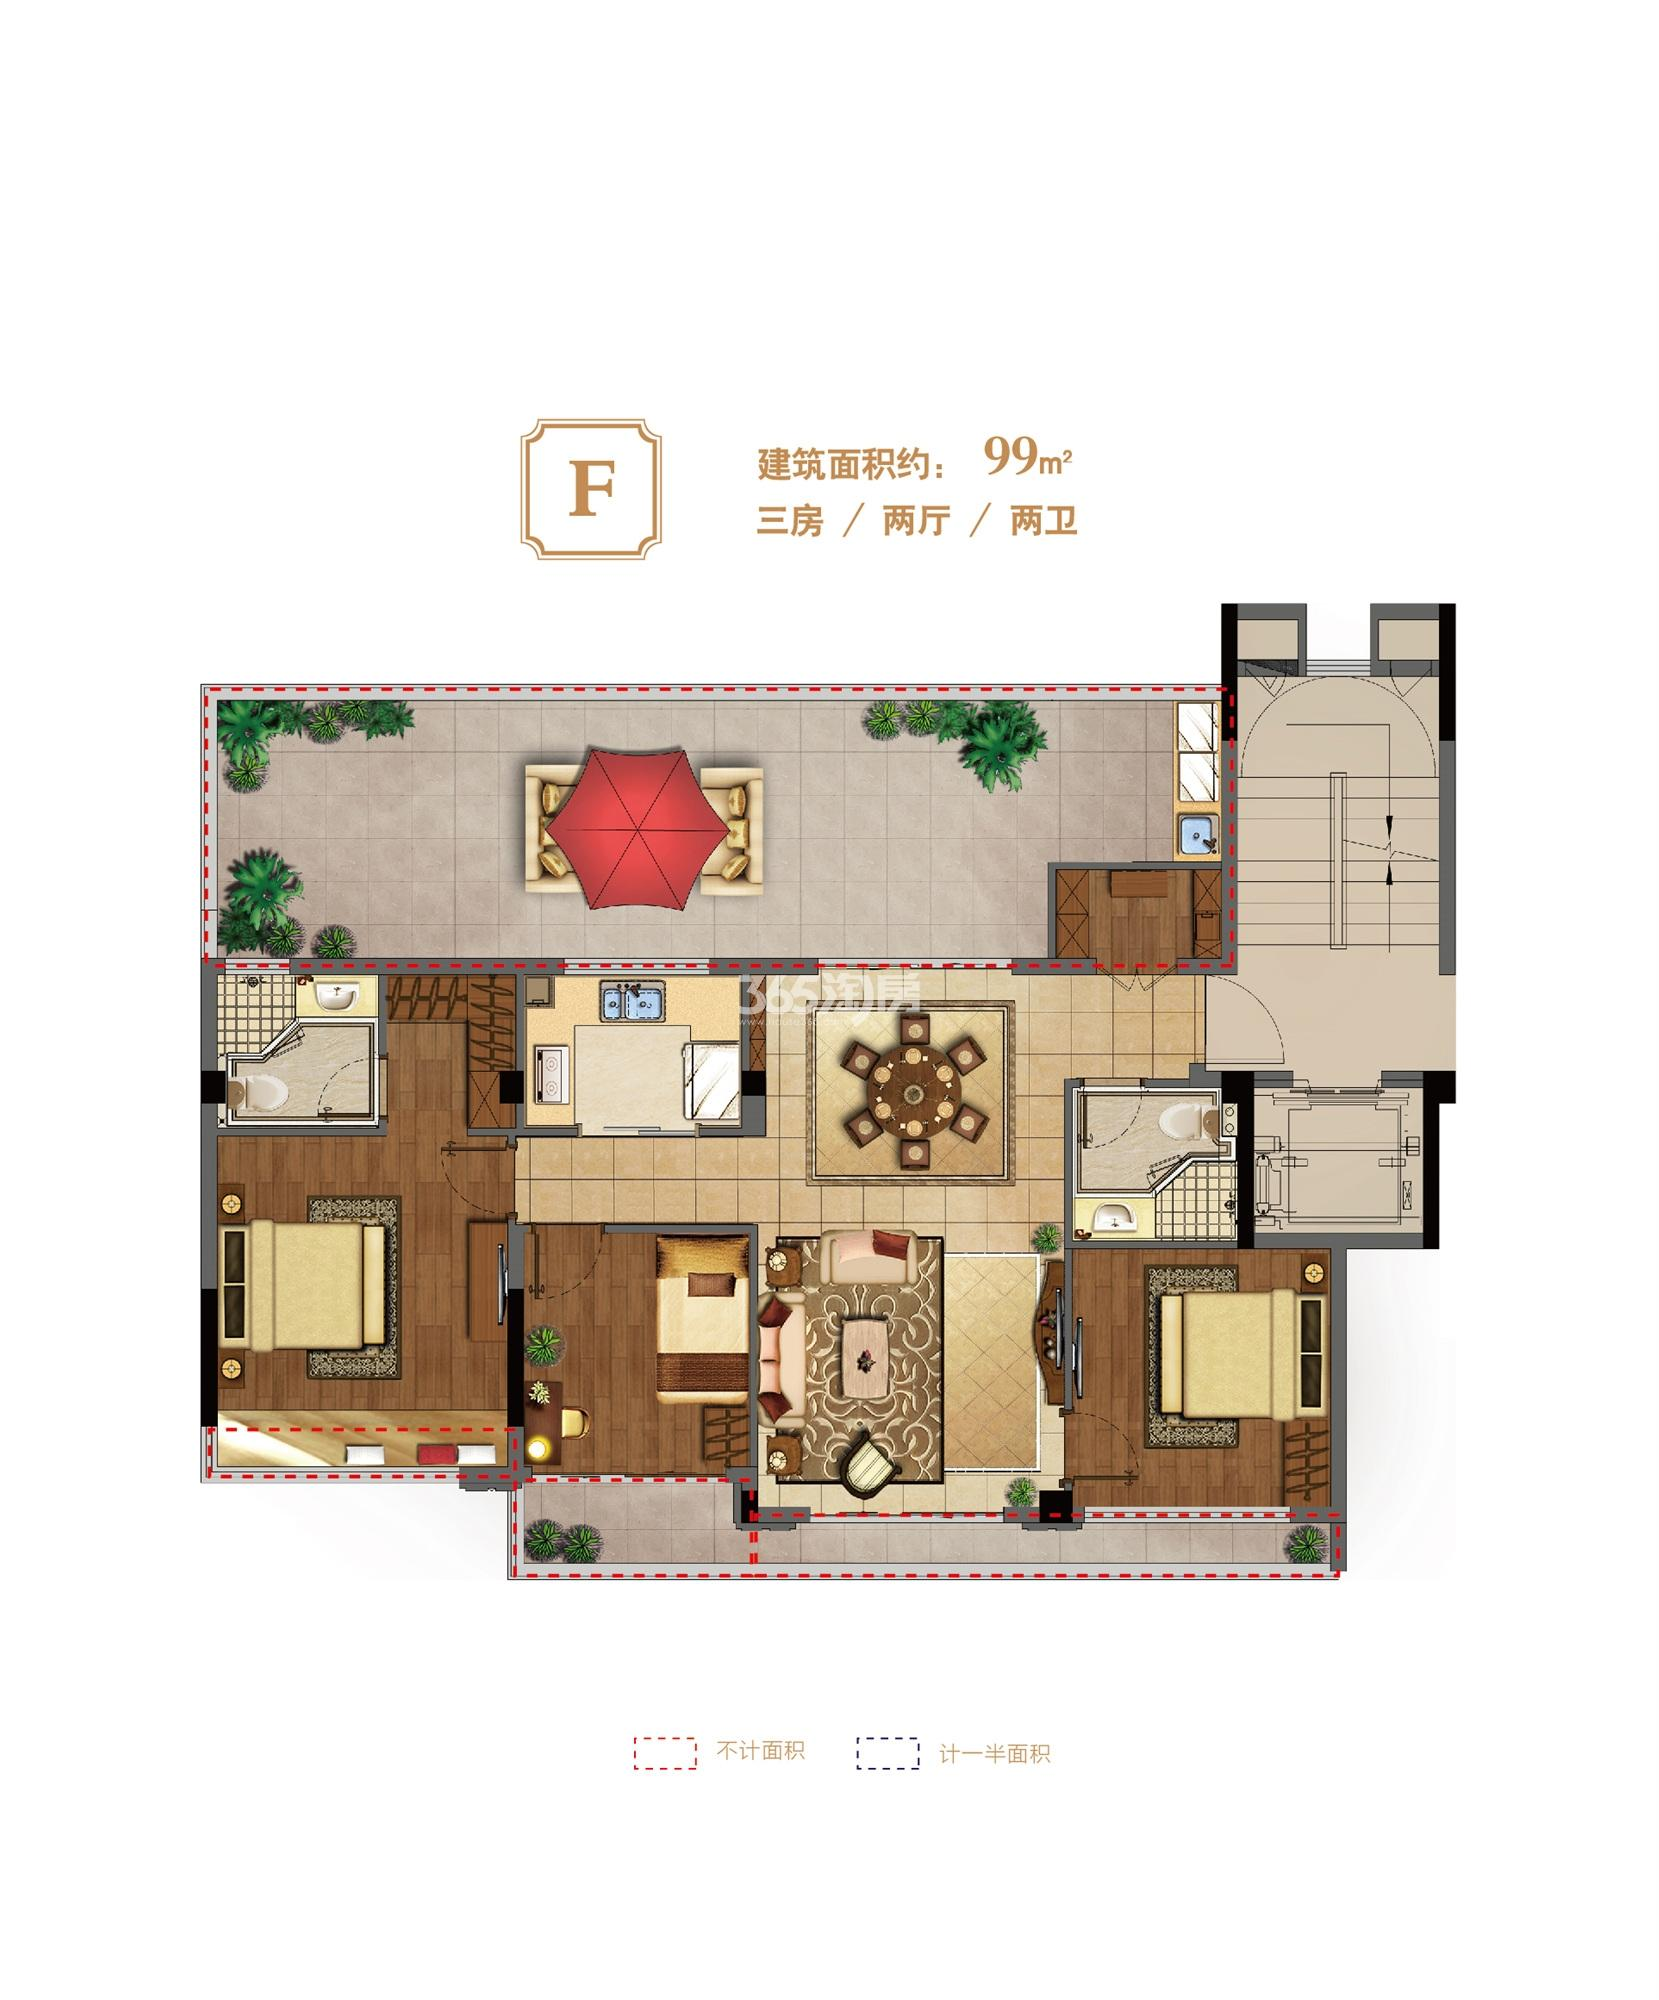 荣安翡翠半岛洋房F户型 99㎡